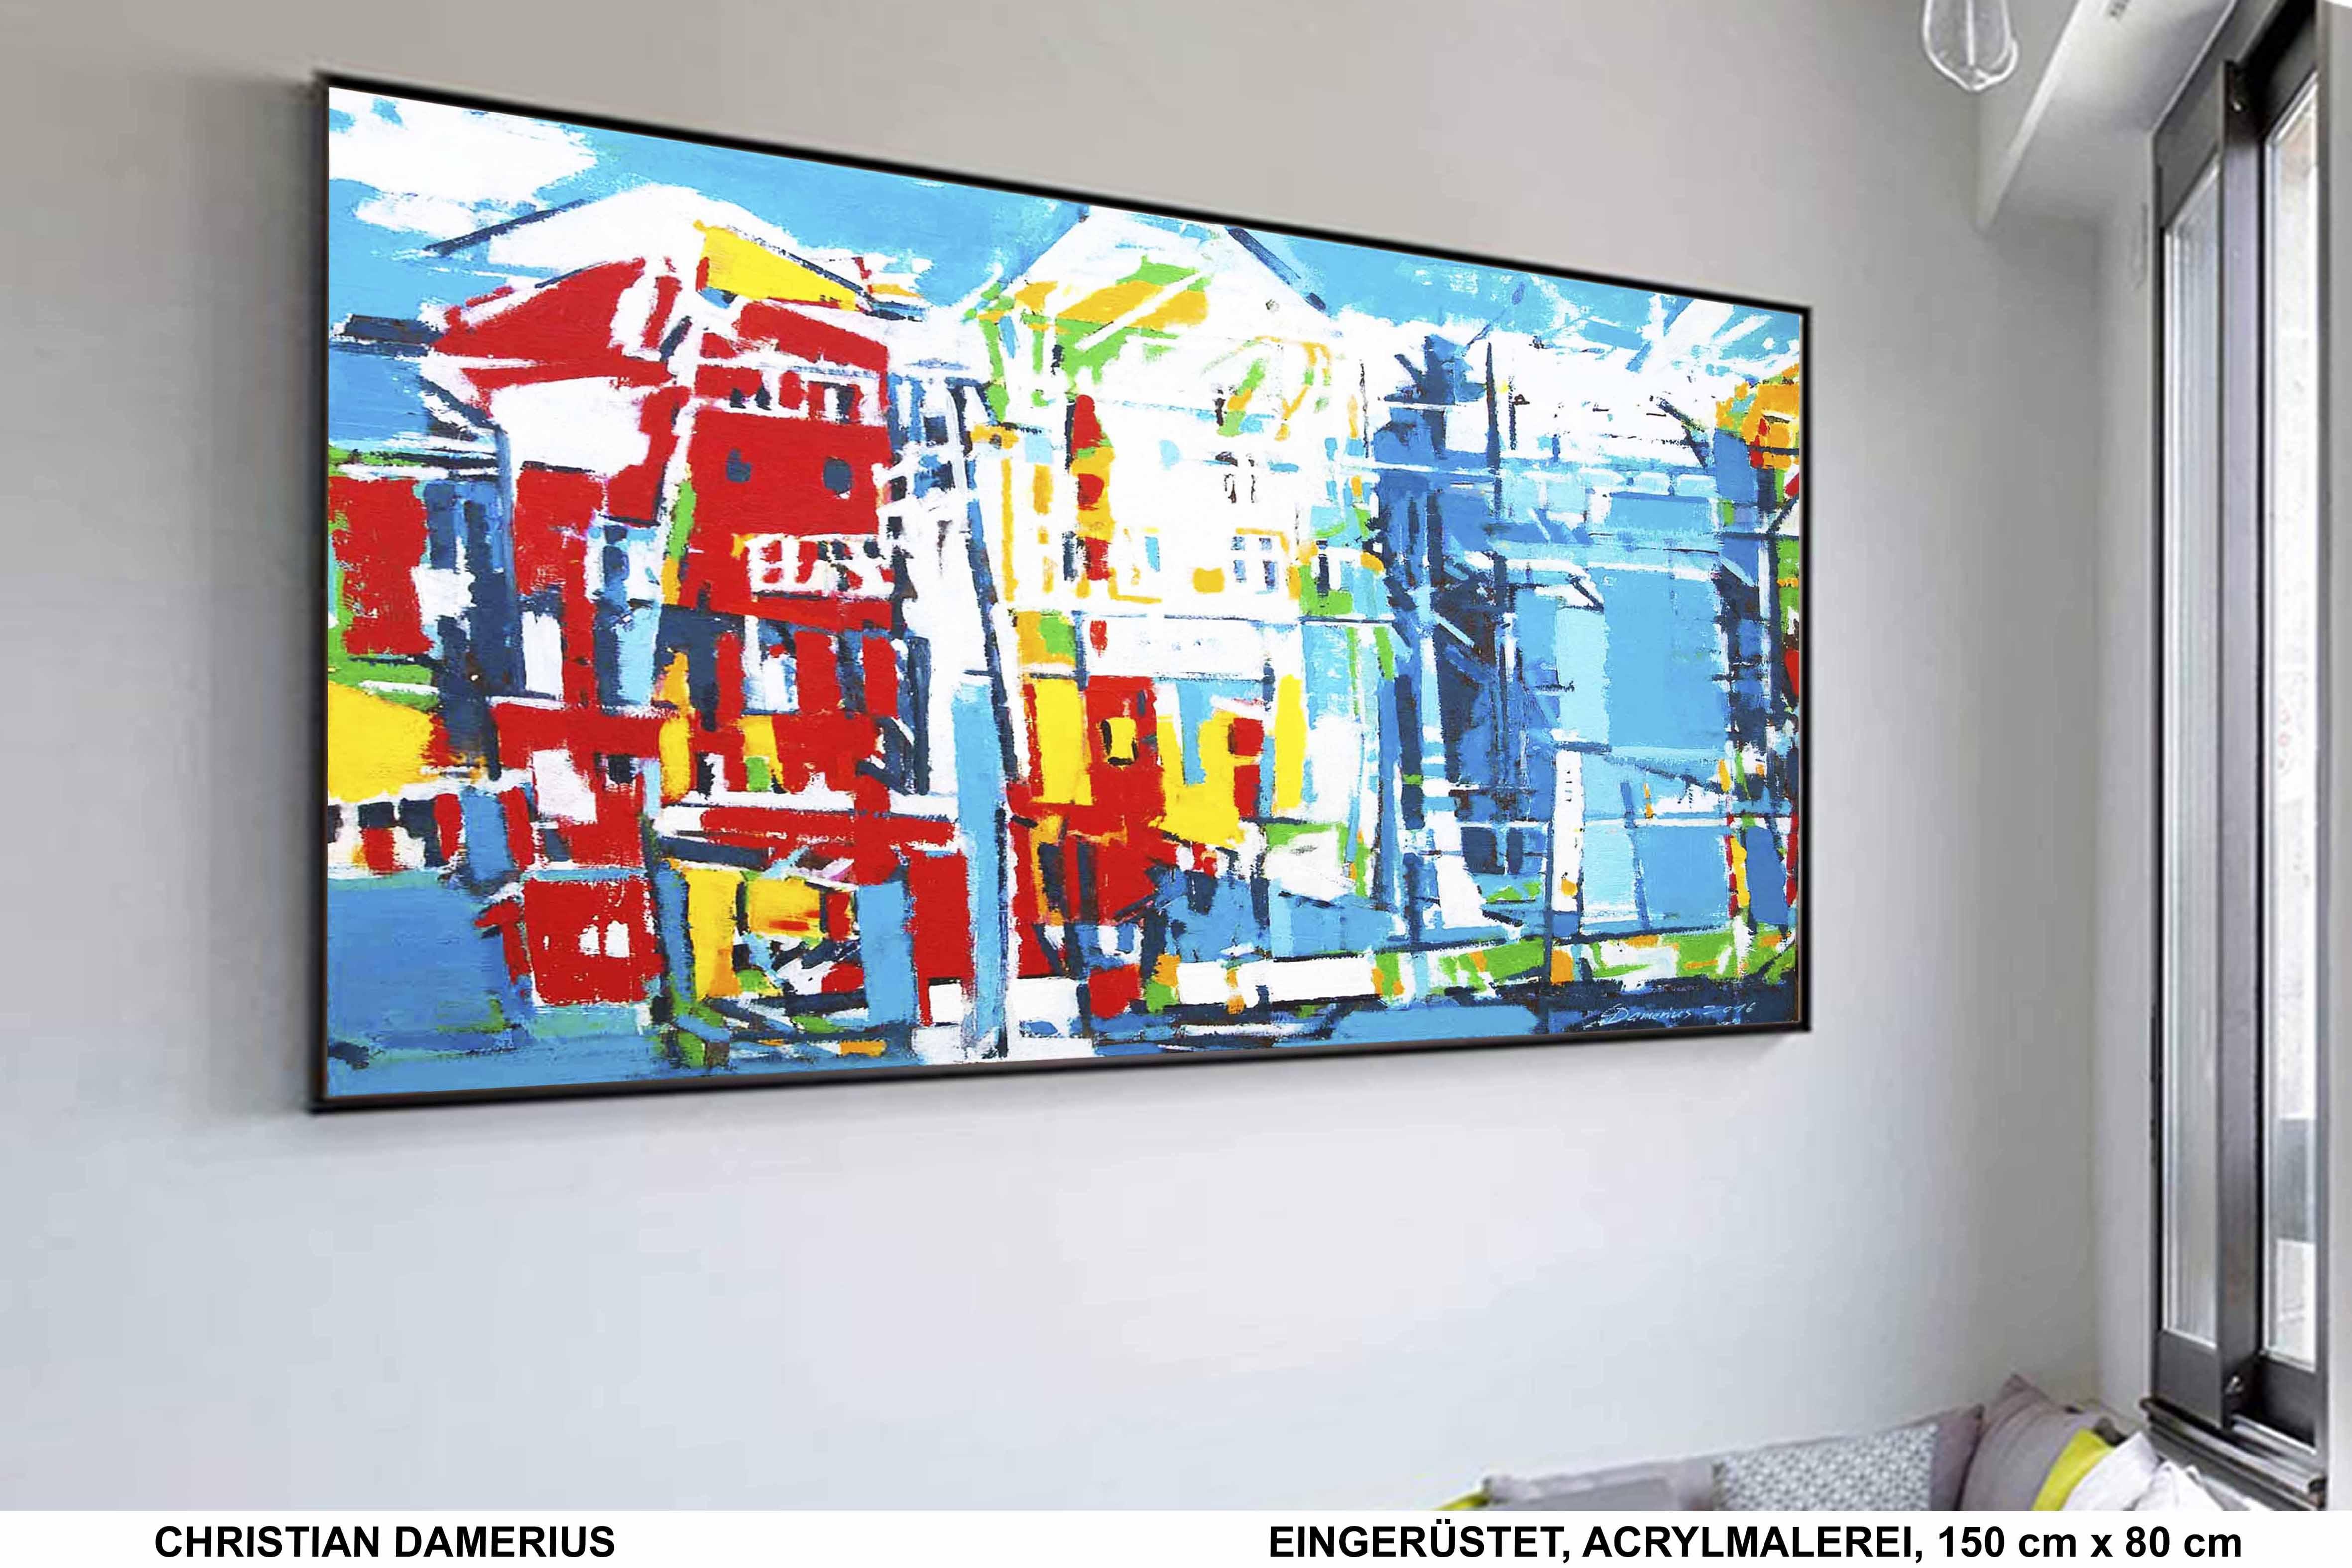 eingerüstet,christian damerius,bau,baustelle,hausbau,fassade,reparatur,baugerüst,renovierung,bilder,gemälde,kunstdrucke,originalmalerei,moderne deutsche malerei,maler,bekannte moderne deutsche künstler,maler,